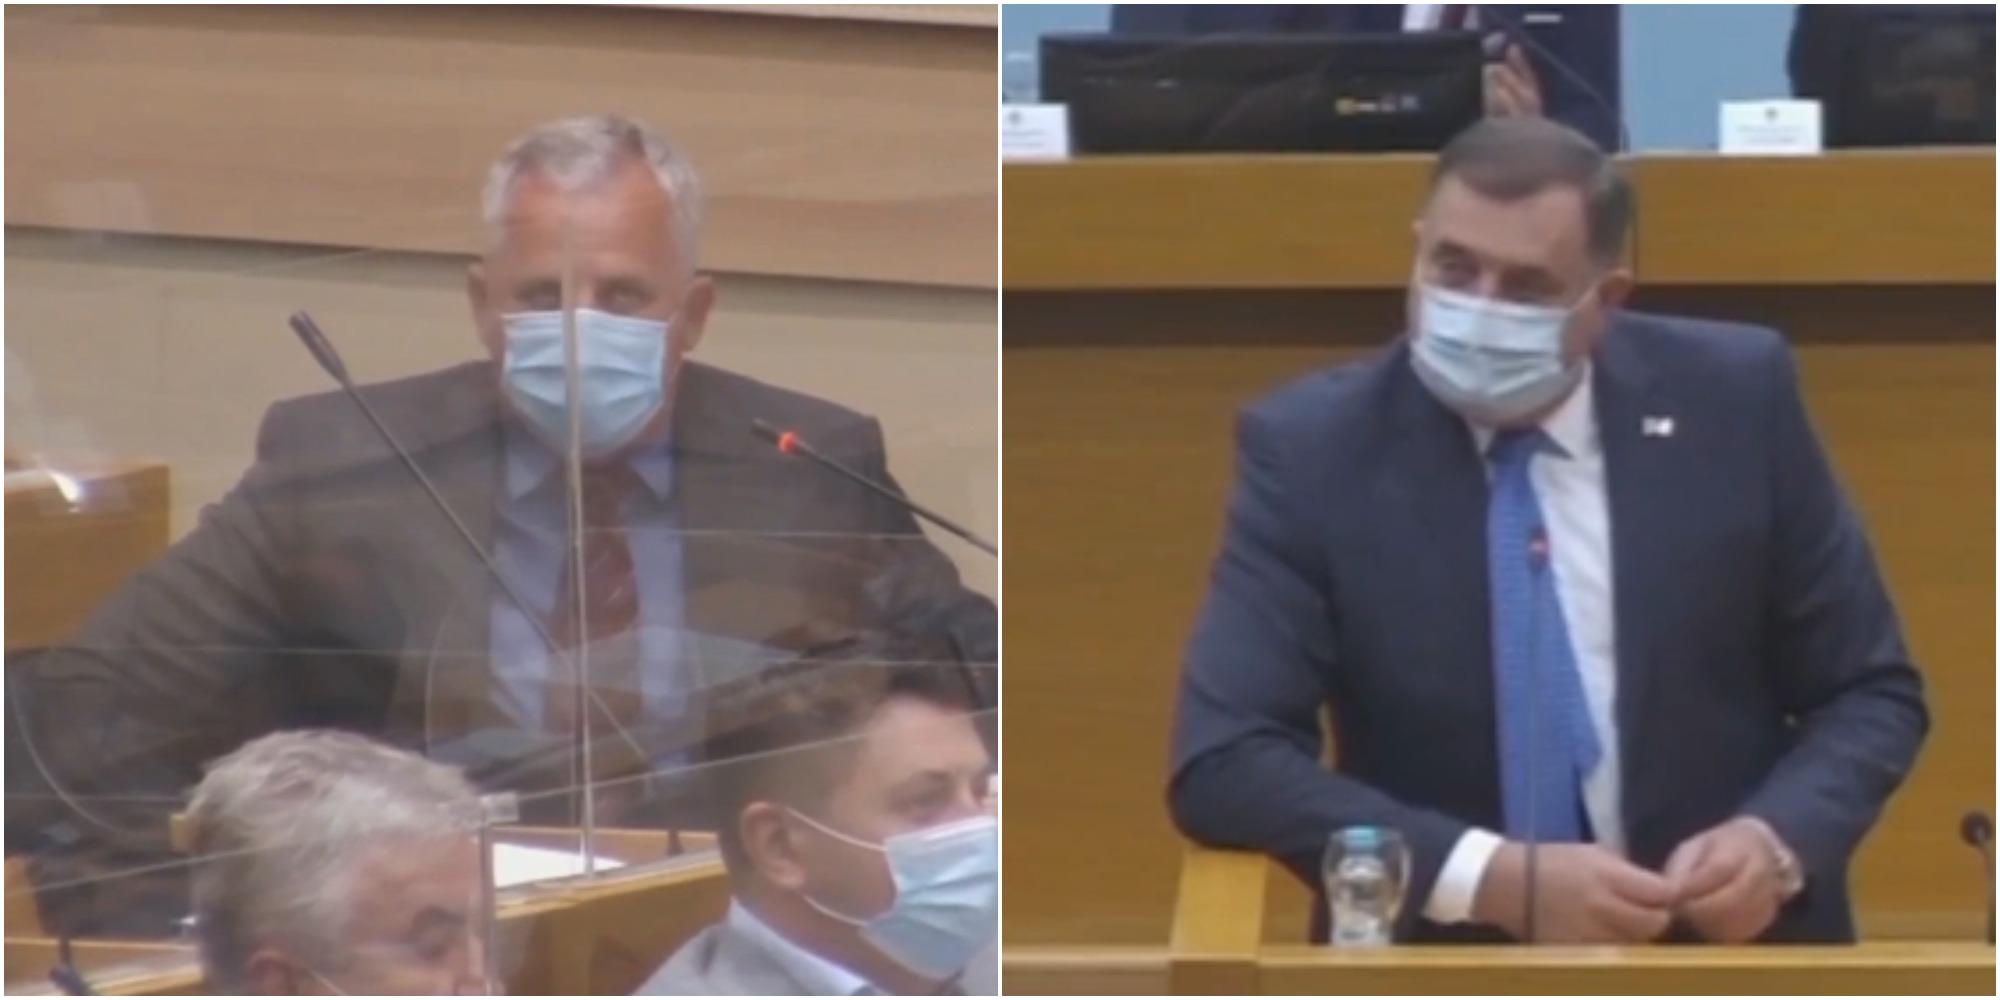 """Miladin Stanić udaljen sa sjednice NS RS, Dodik ga žestoko optužio: """"Tražio mi dva miliona KM da pređe u SNSD"""" (VIDEO)"""